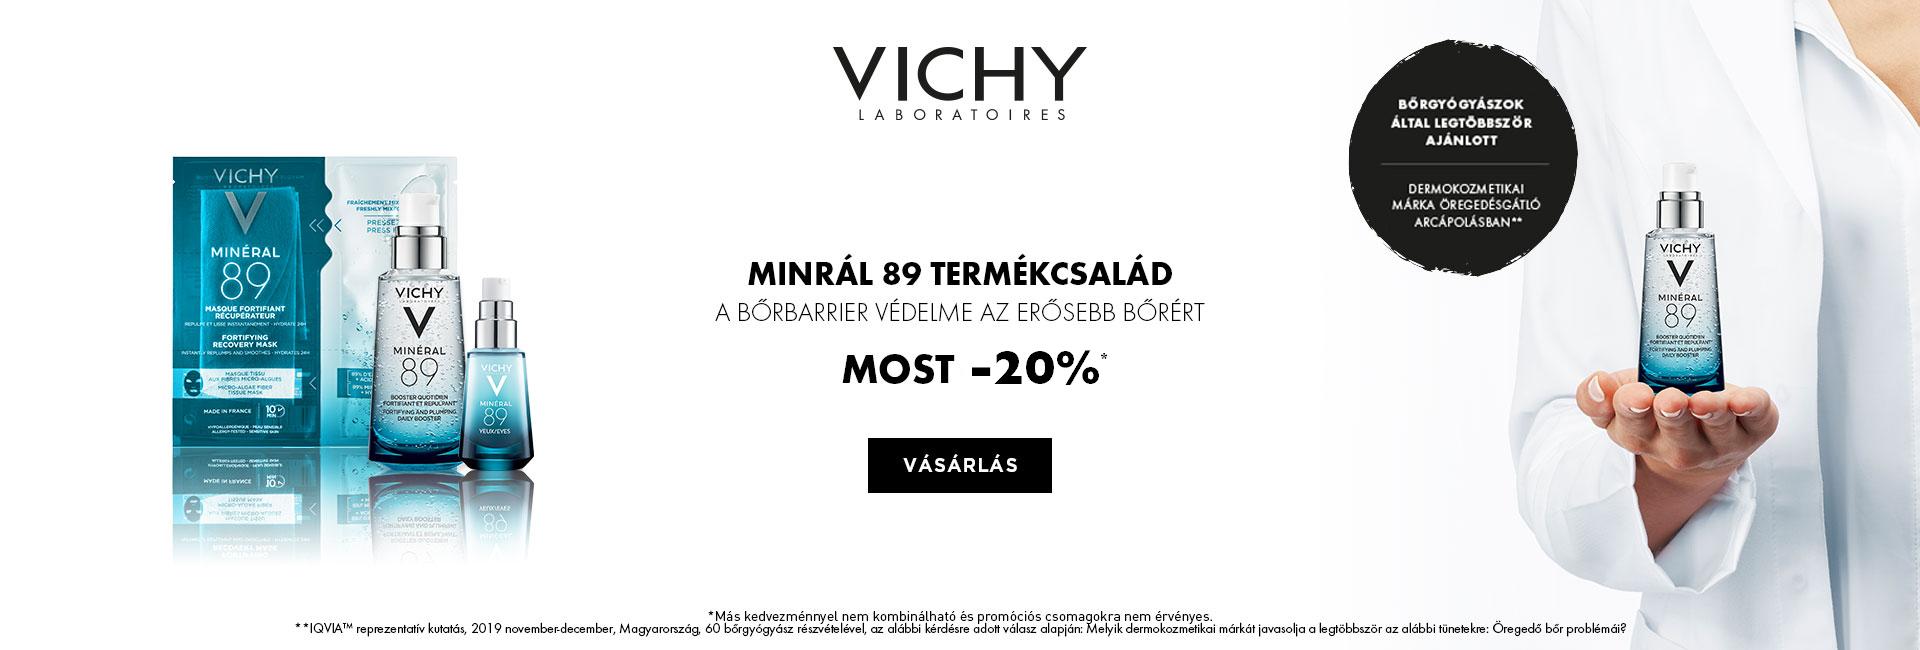 2021. január 25-31. között minden Vichy Minéral 89 Hyaluron Booster terméket 20% kedvezménnyel kínálunk! SŐT Trio csomagban 25% kedvezményt adunk!!!